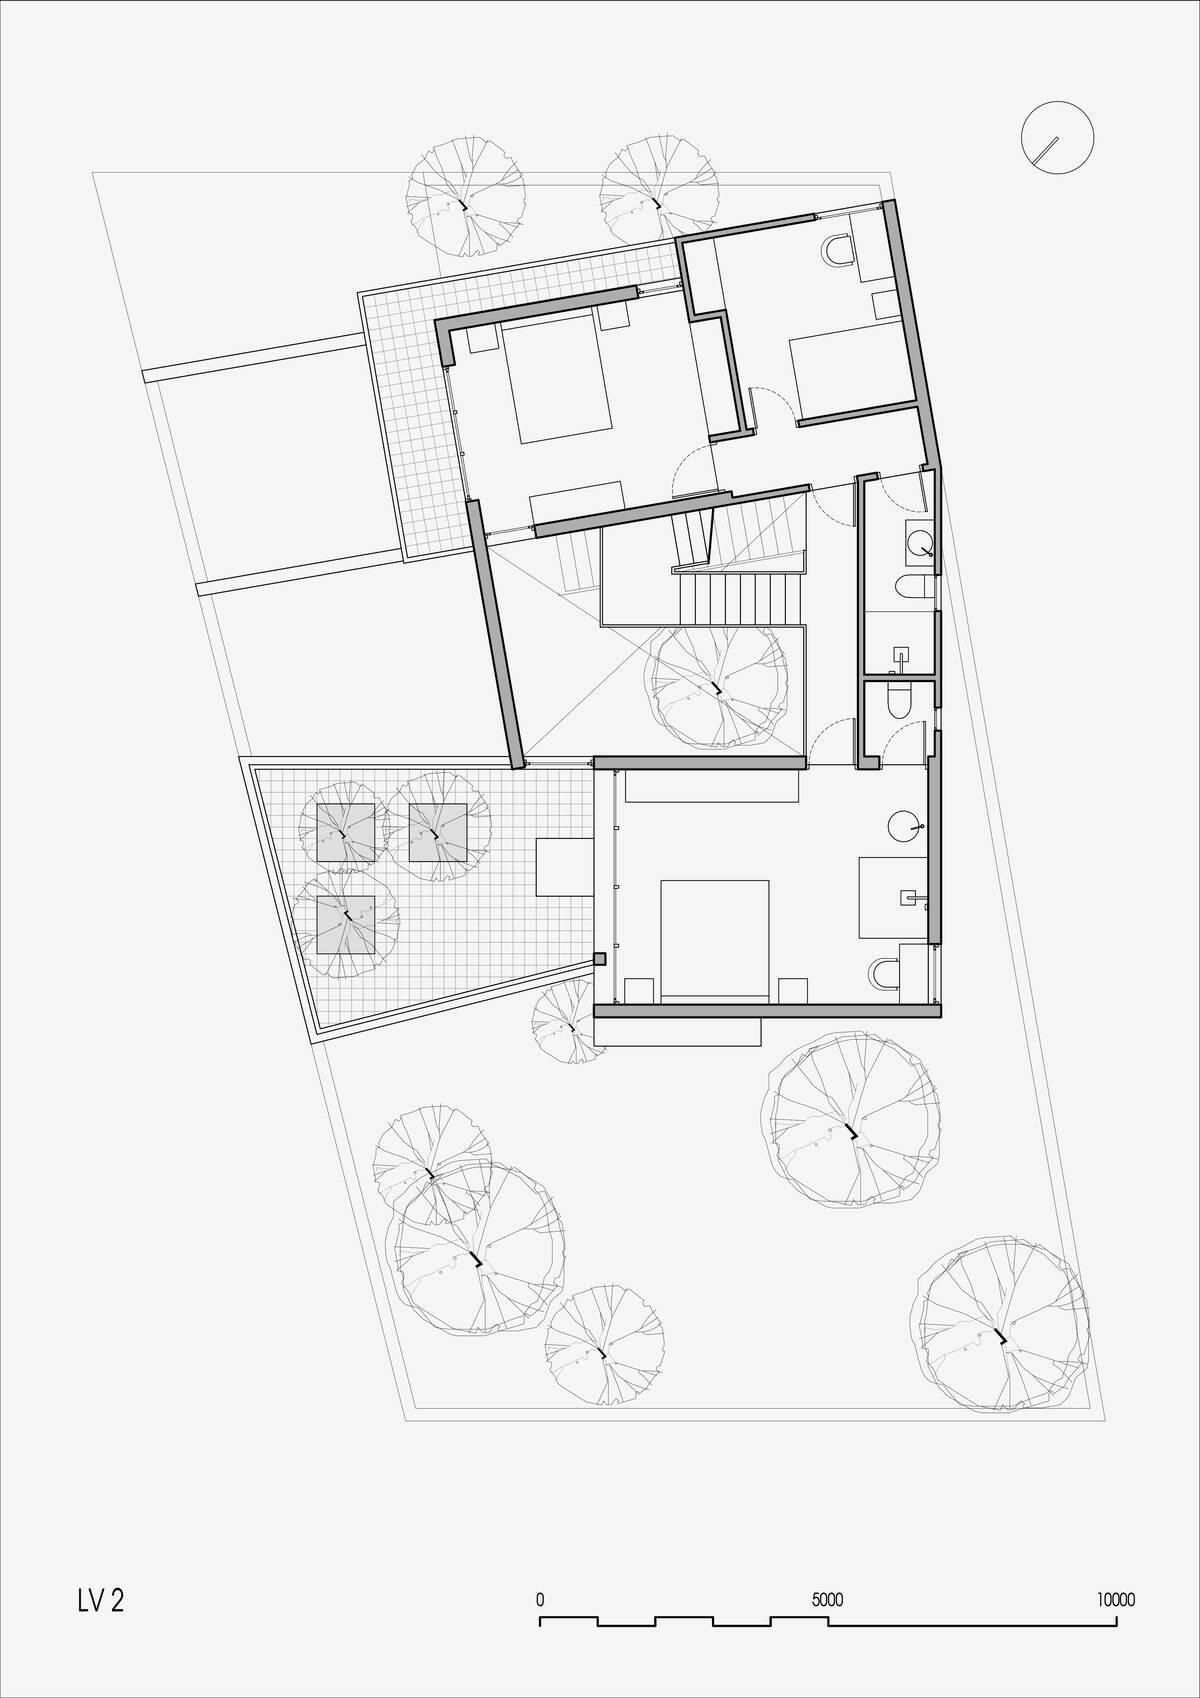 Bản vẽ mặt bằng công trình tại tầng hai